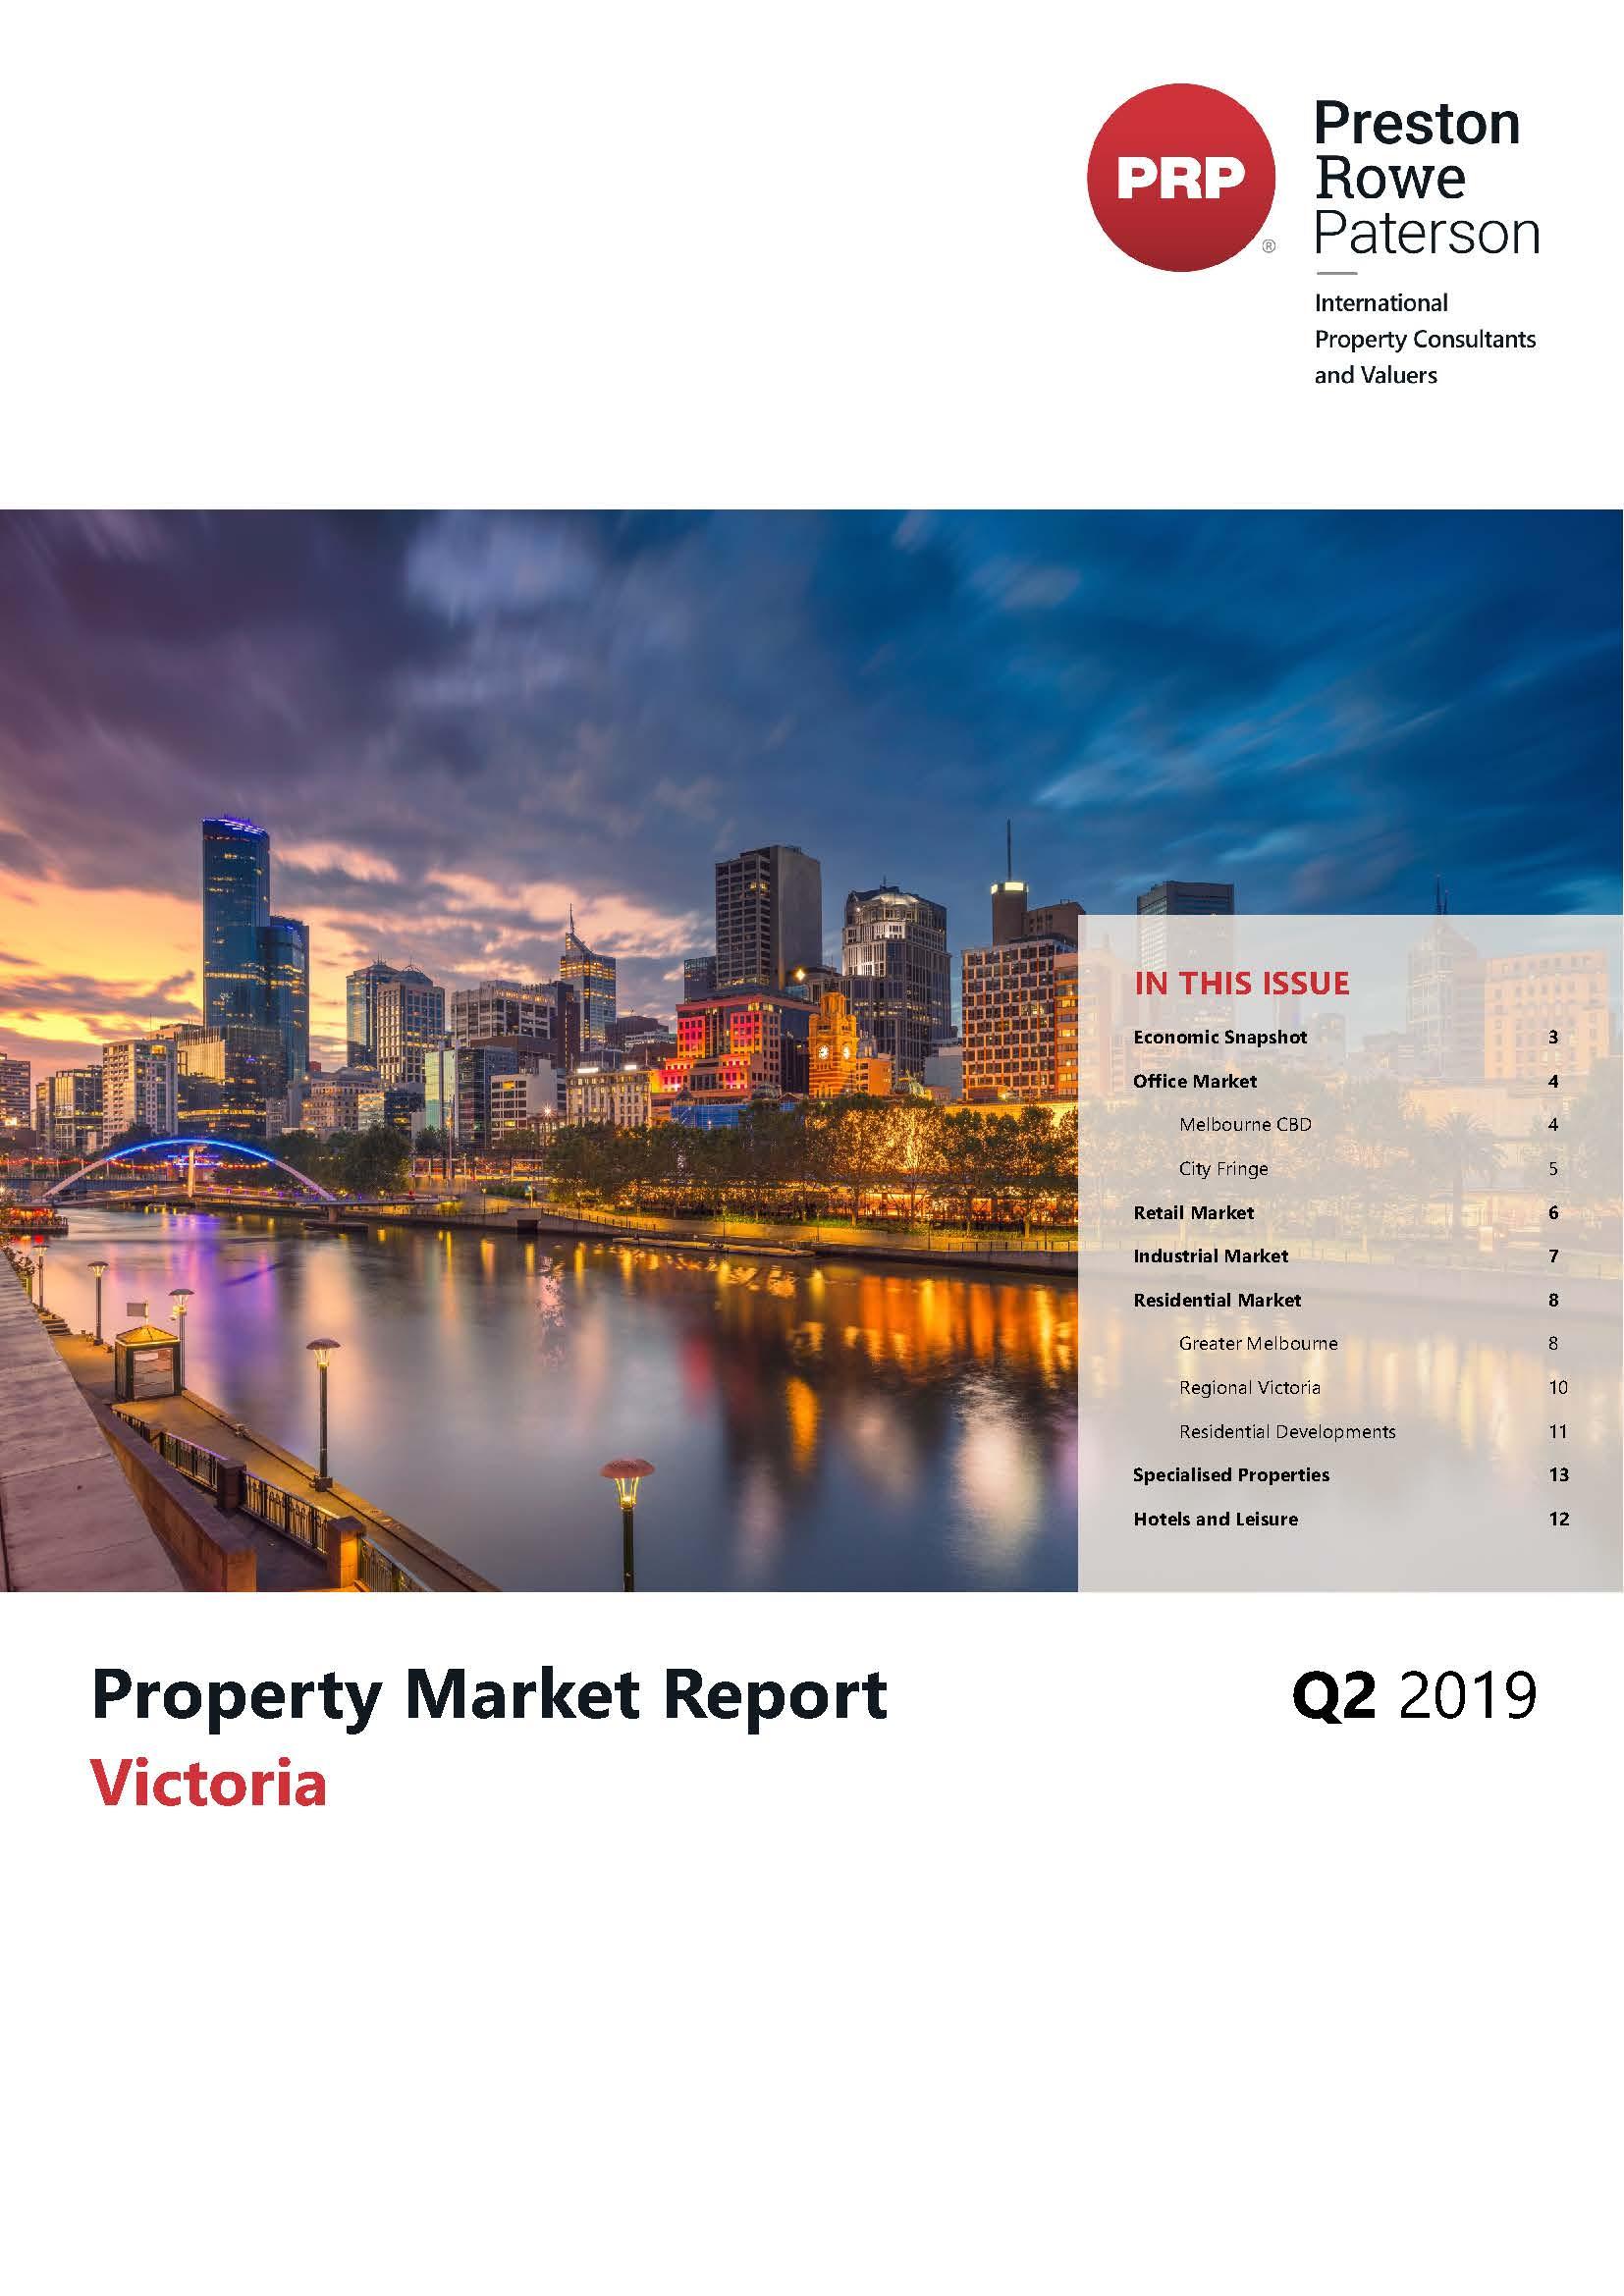 VIC Property Market Report Q2 2019